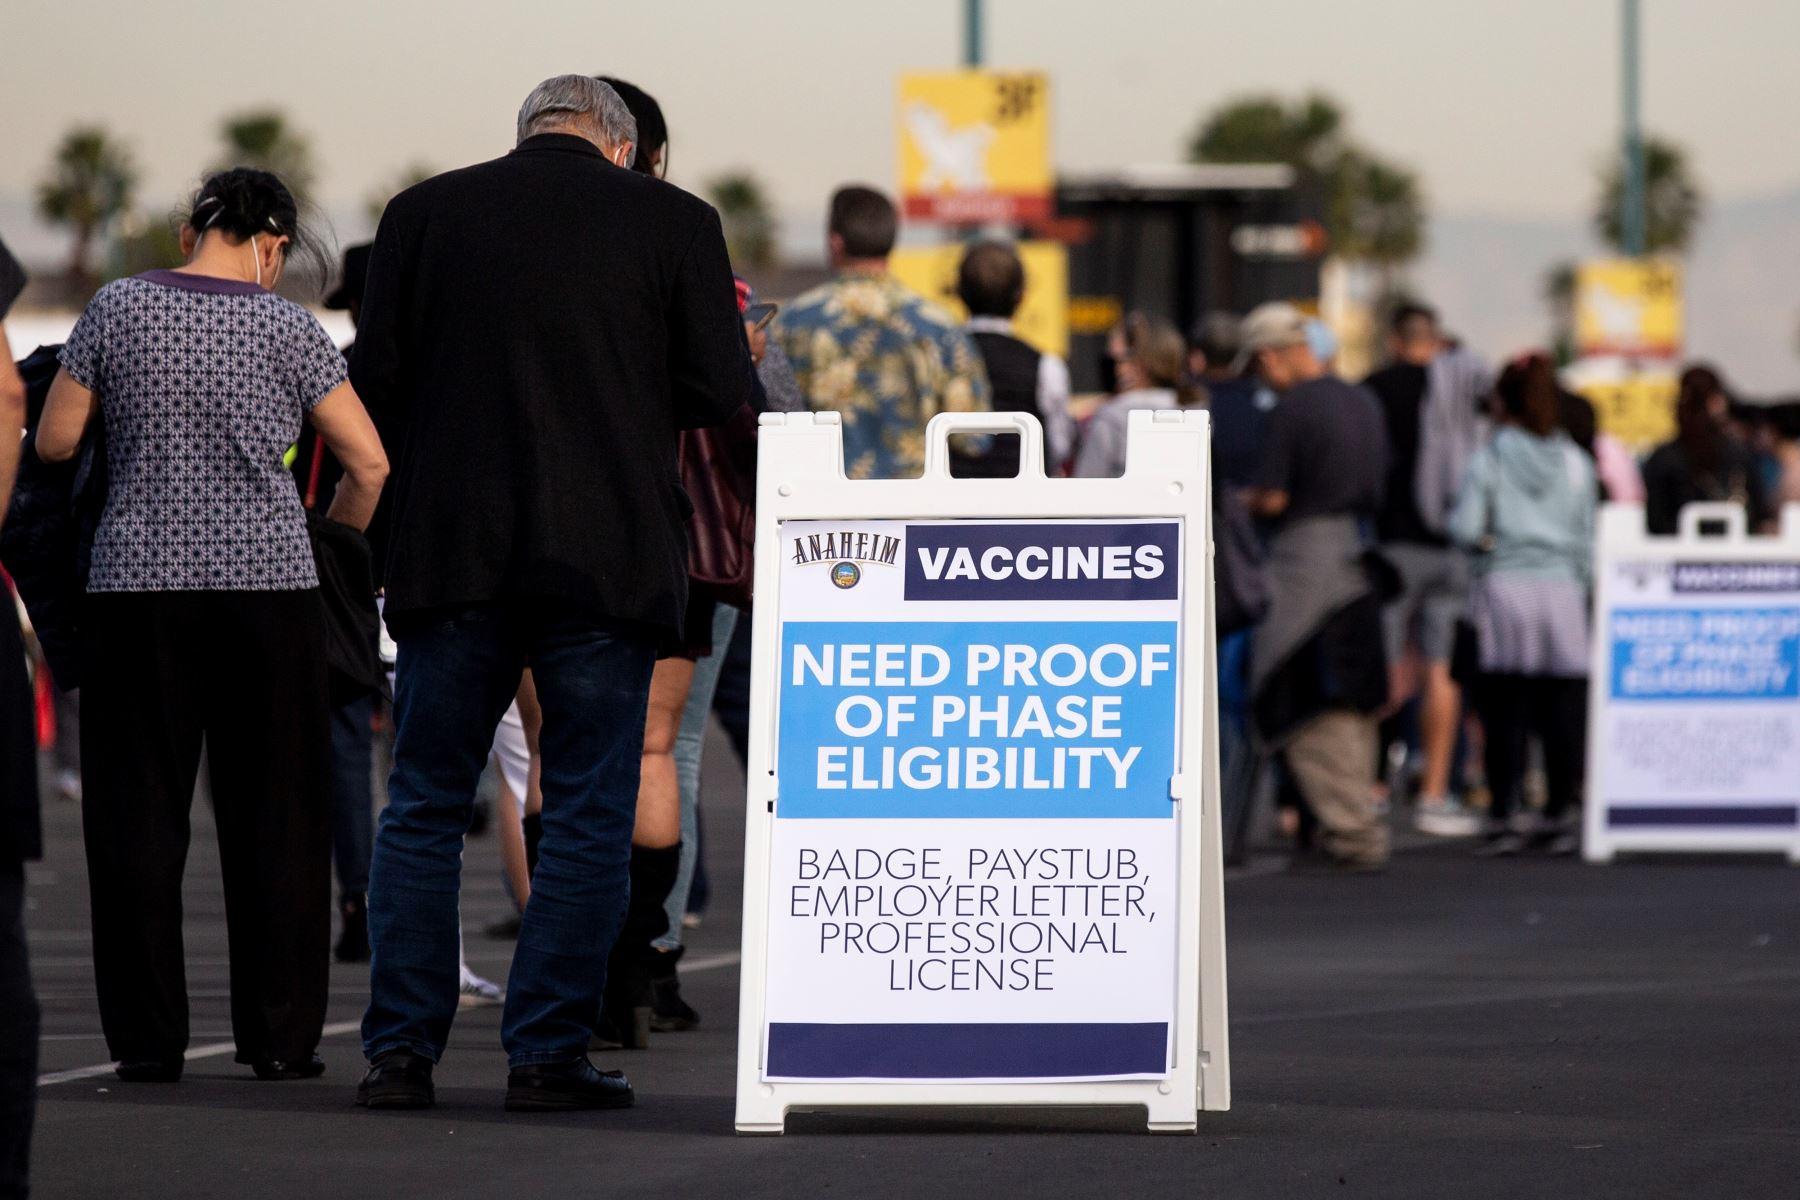 Personas hacen cola mientras esperan vacunarse contra covid-19 en un estacionamiento de Disneyland en Anaheim, California, Estados Unidos. Foto: EFE